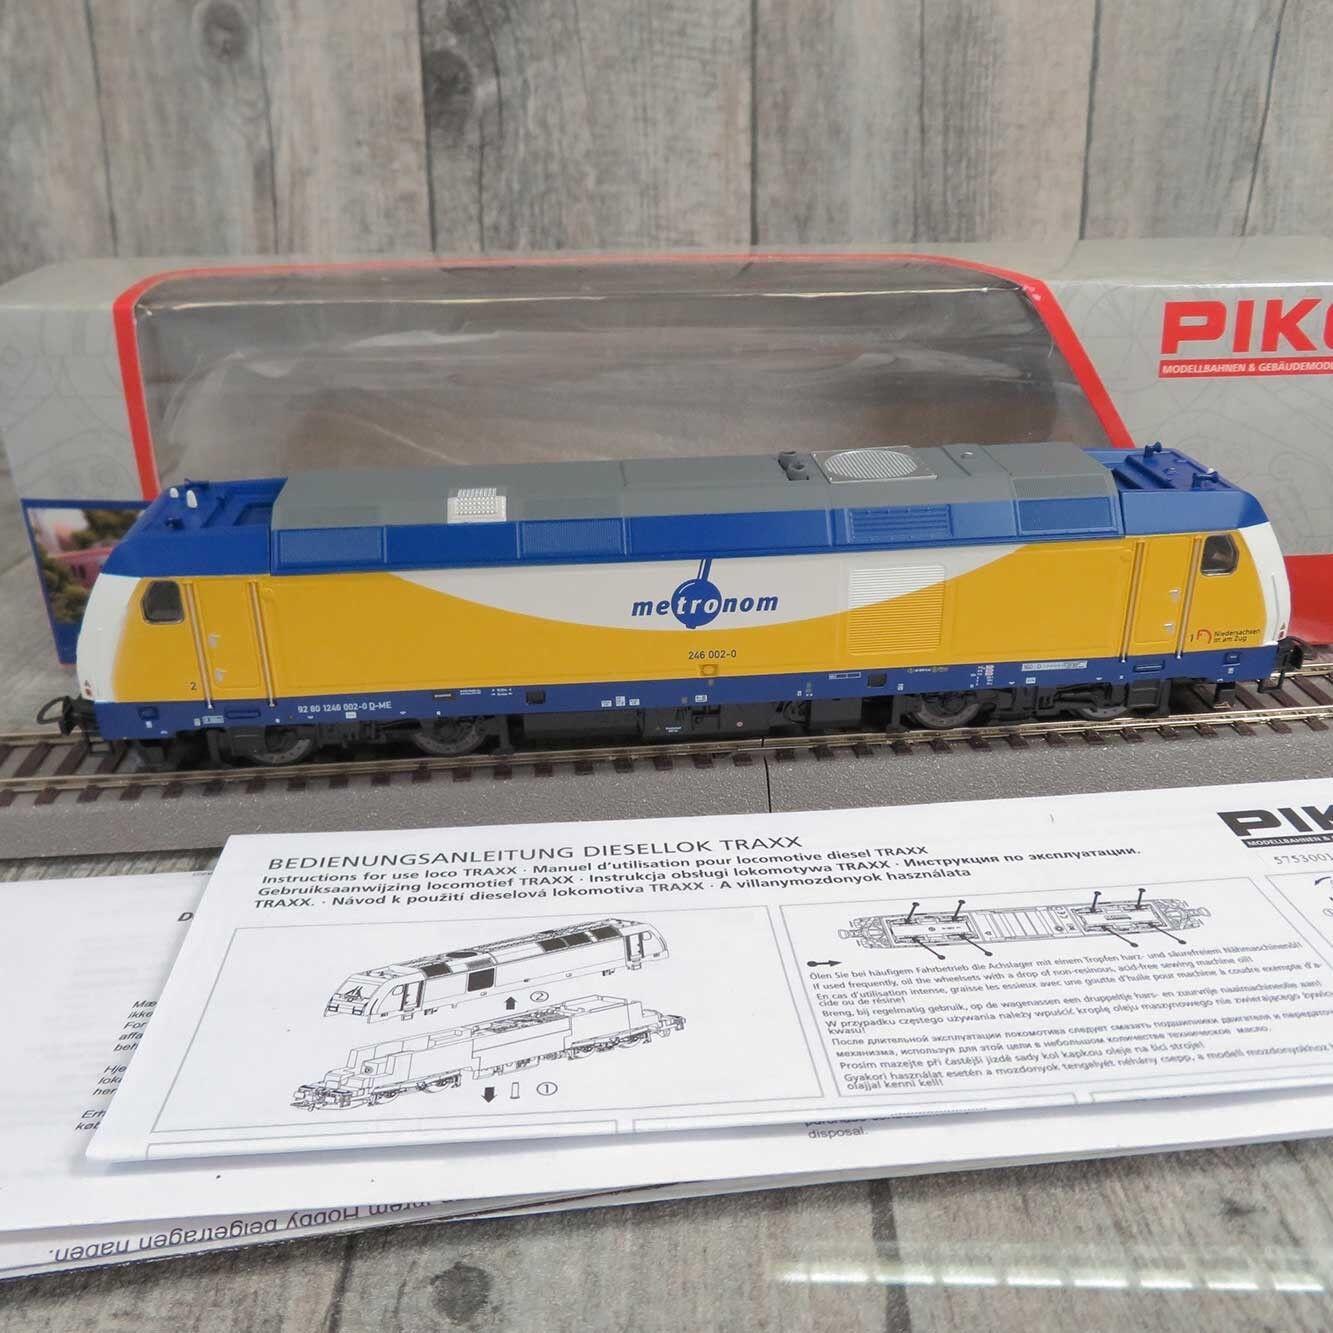 para barato PIKO 57530 - HO - - - LNVG - Diesellok 246 002-0 - m. DSS - OVP - Q26363  100% precio garantizado